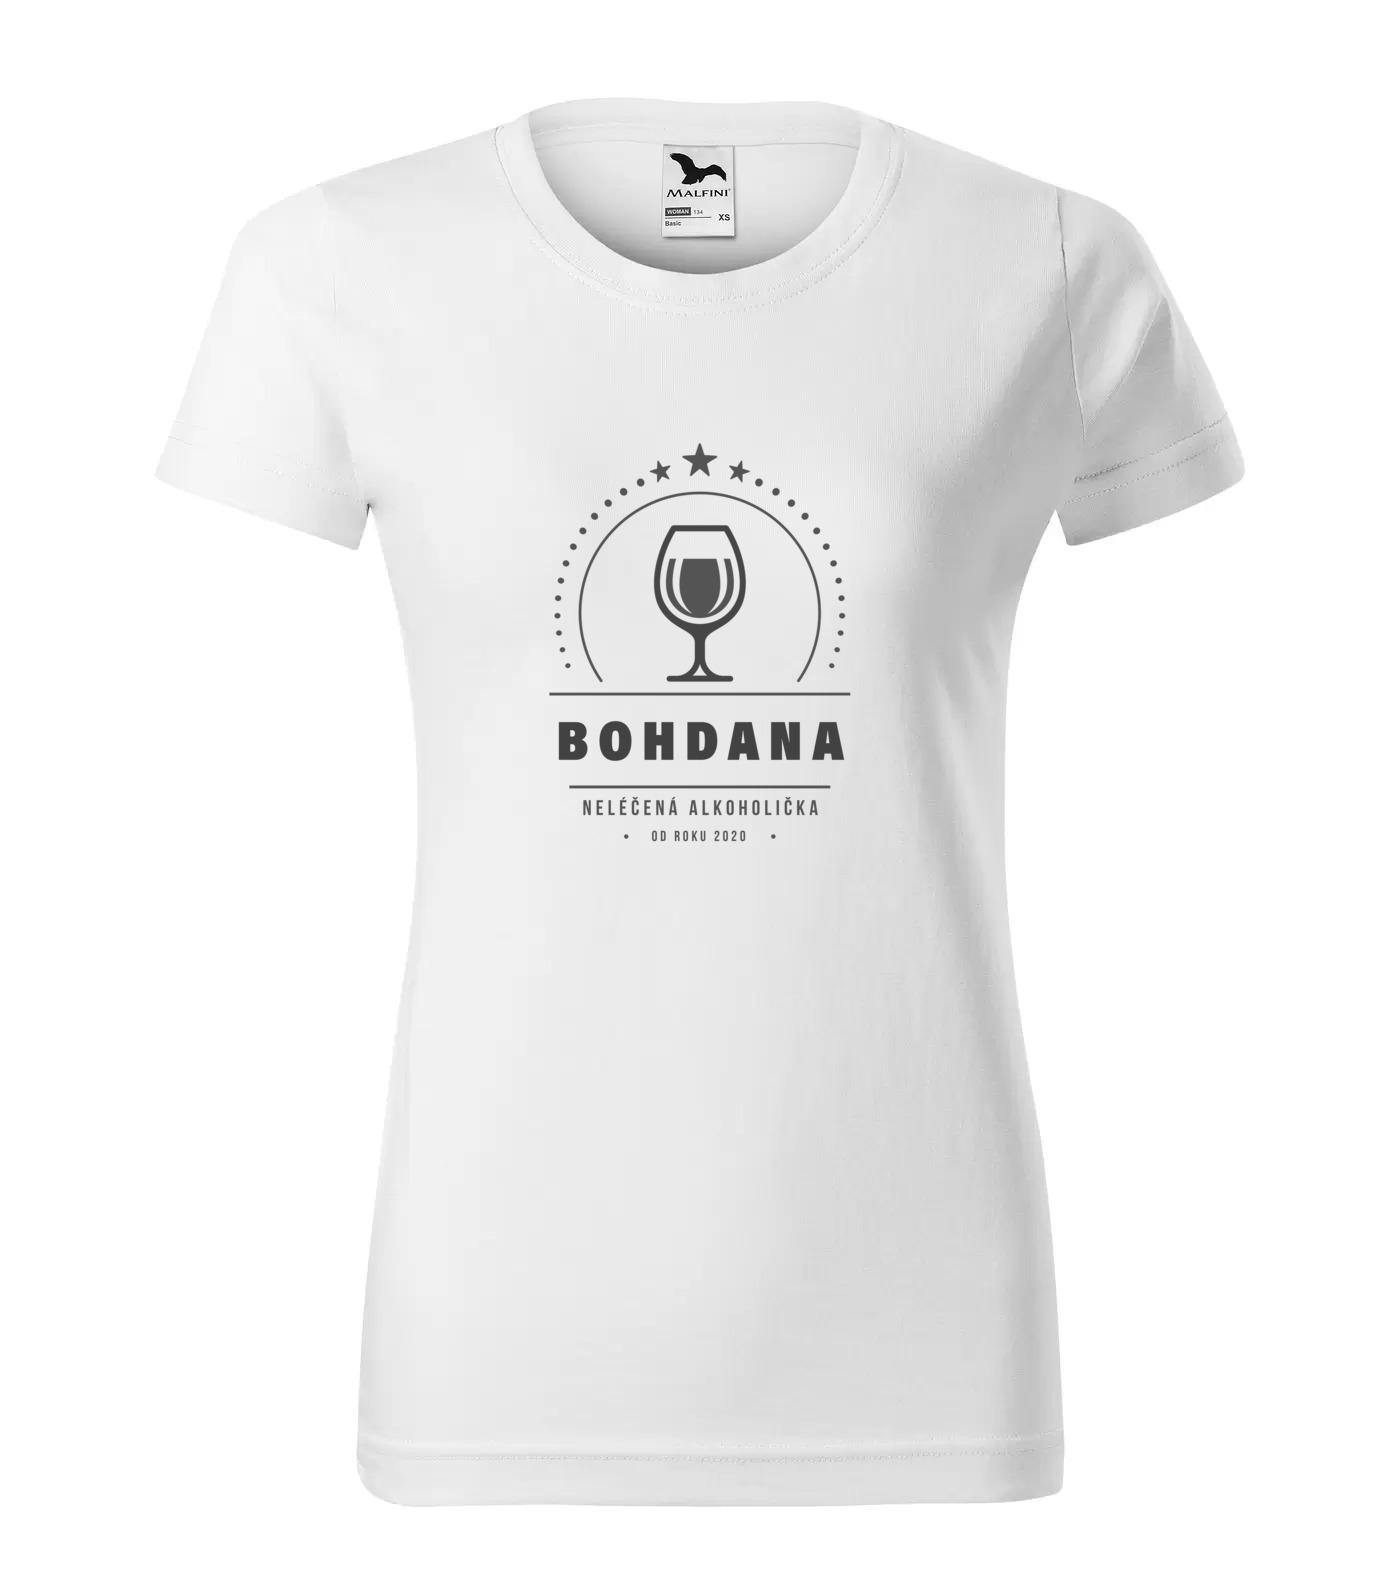 Tričko Alkoholička Bohdana